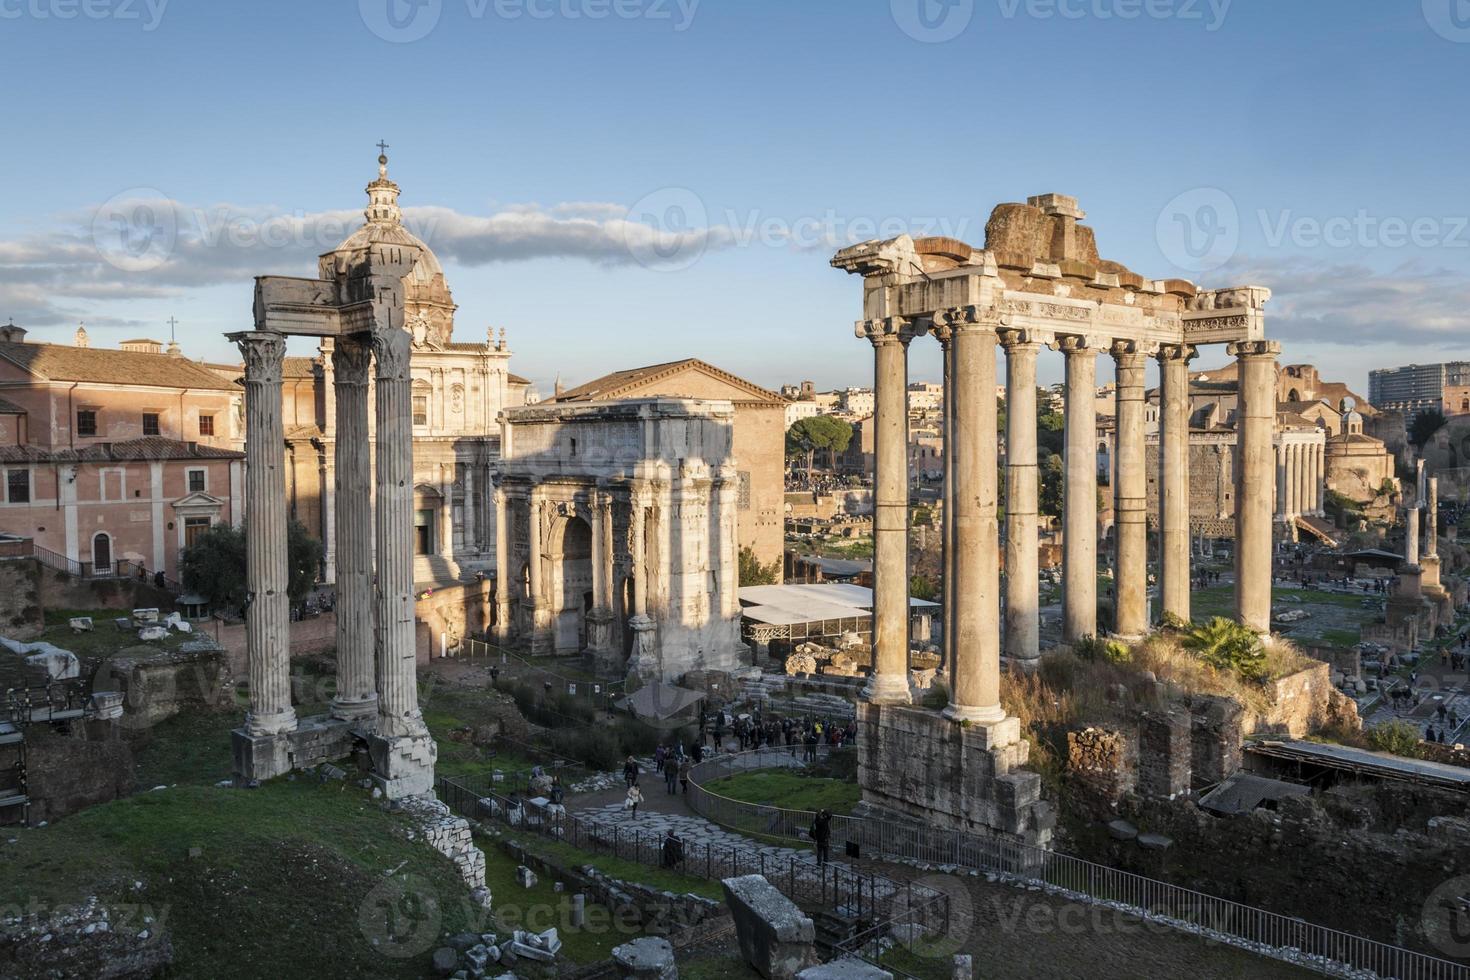 romerskt forum foto